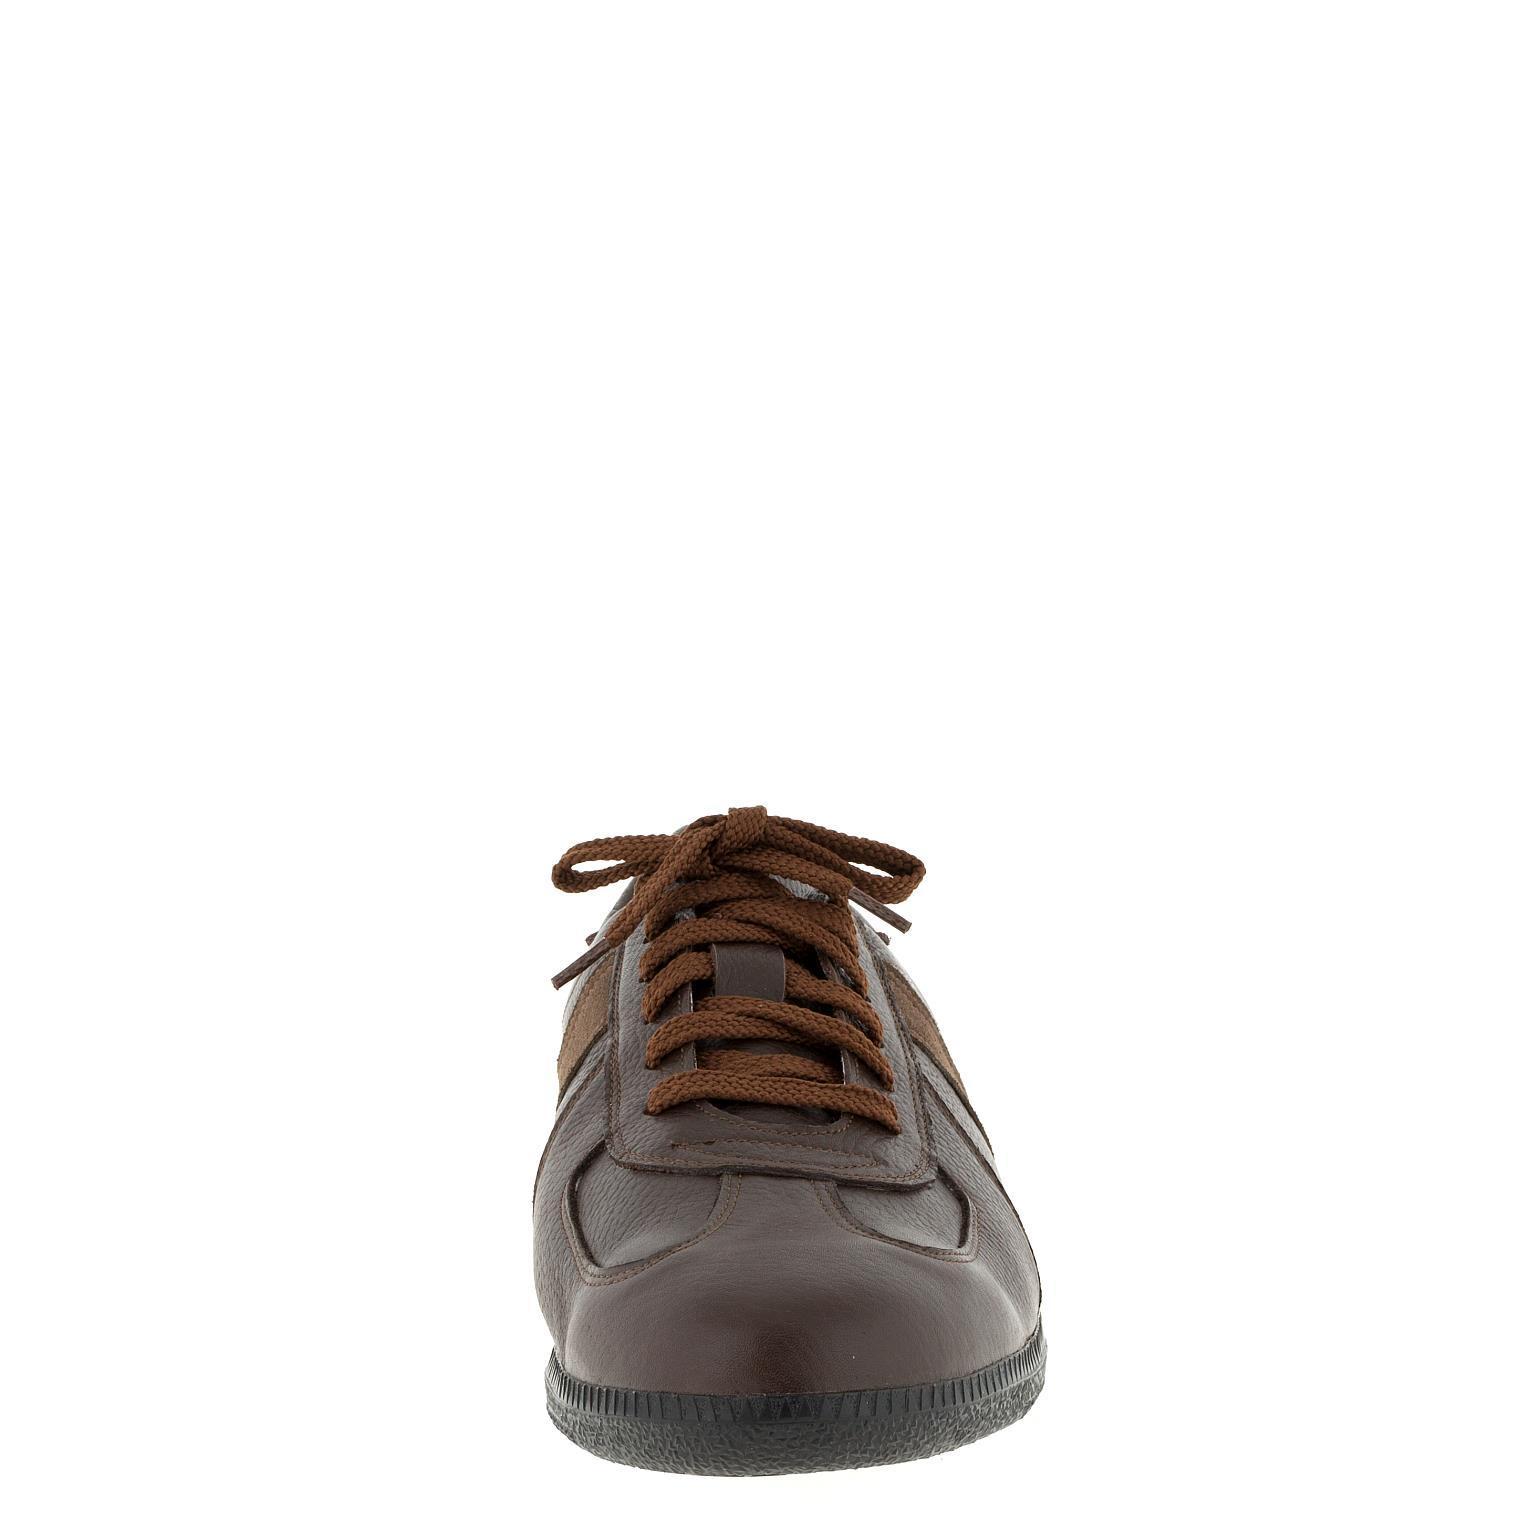 556396 Brown полуботинки мужские больших размеров марки Делфино